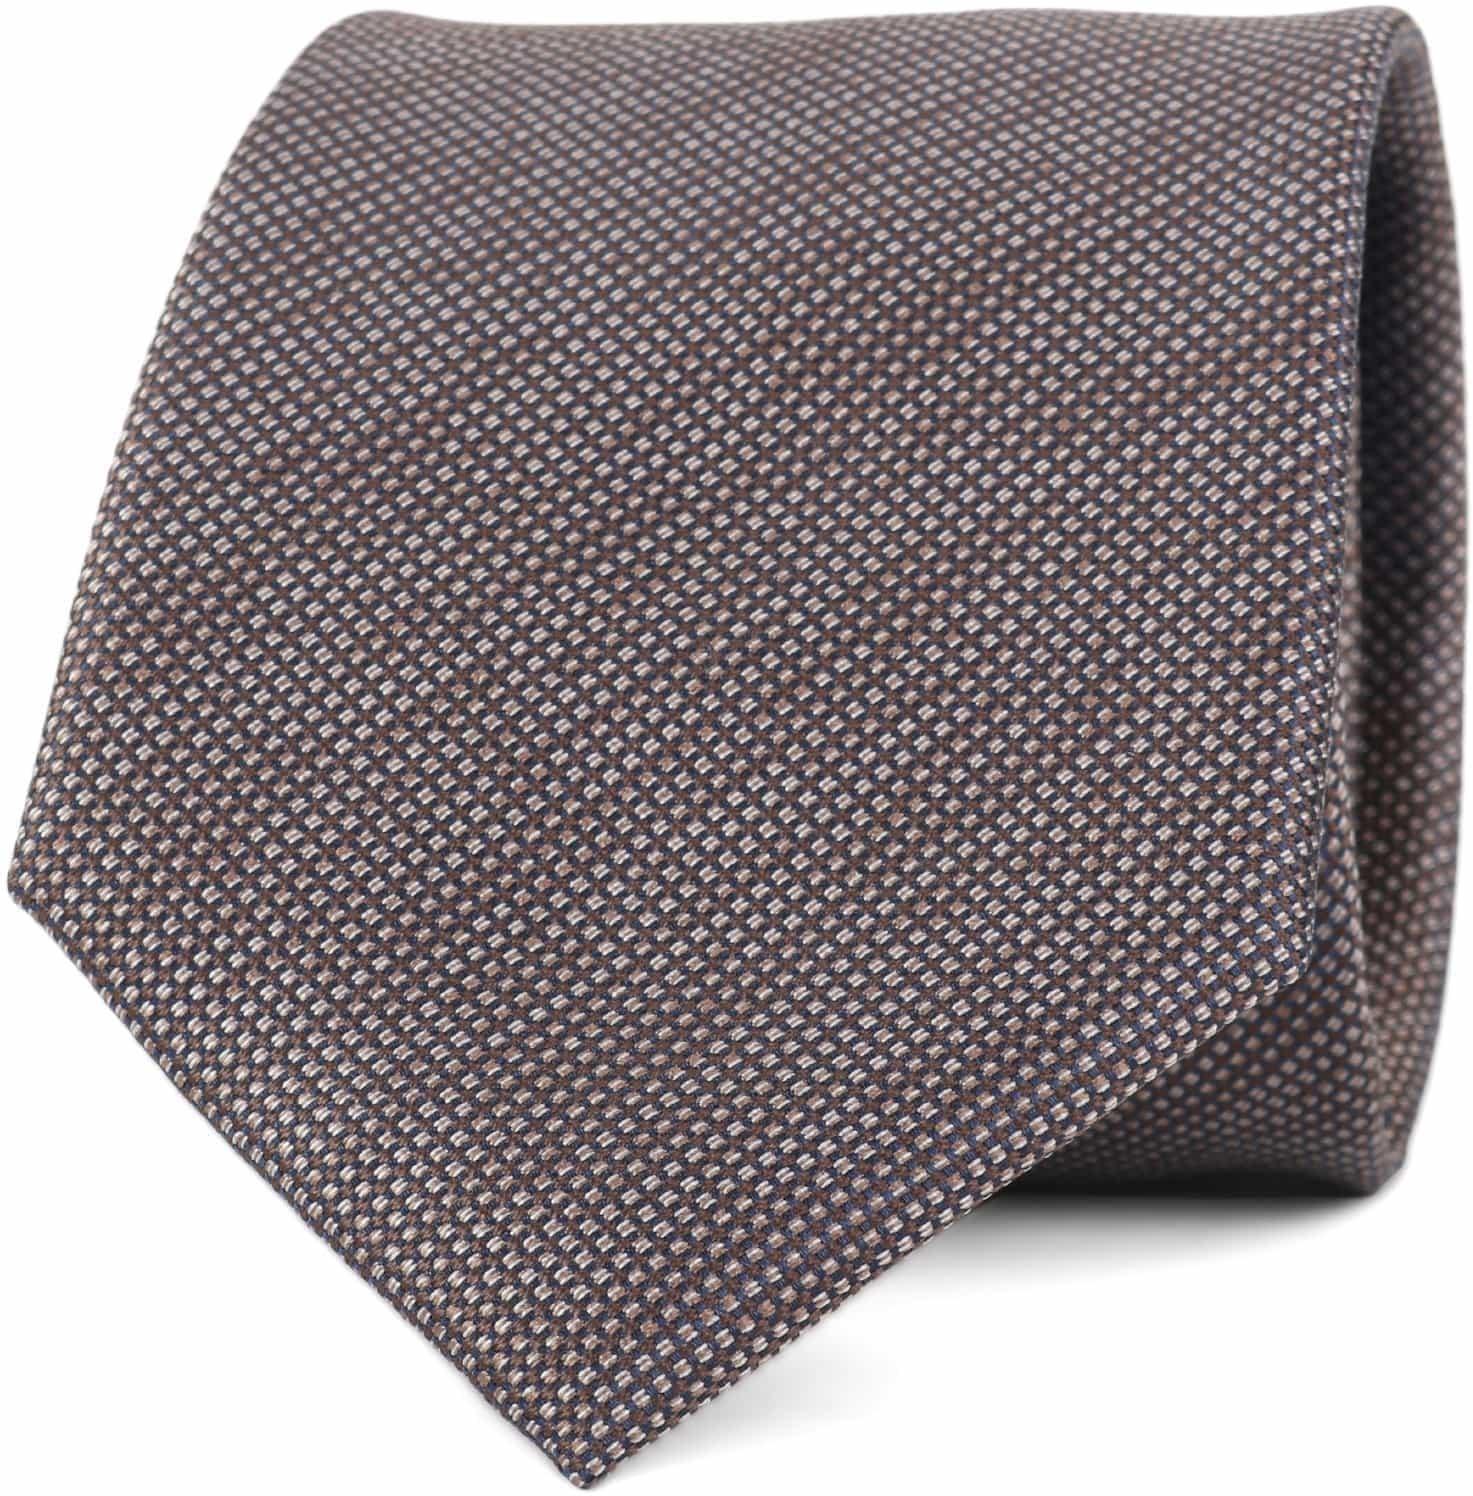 Krawatte Seide Pinpoint Braun 9-17 foto 0